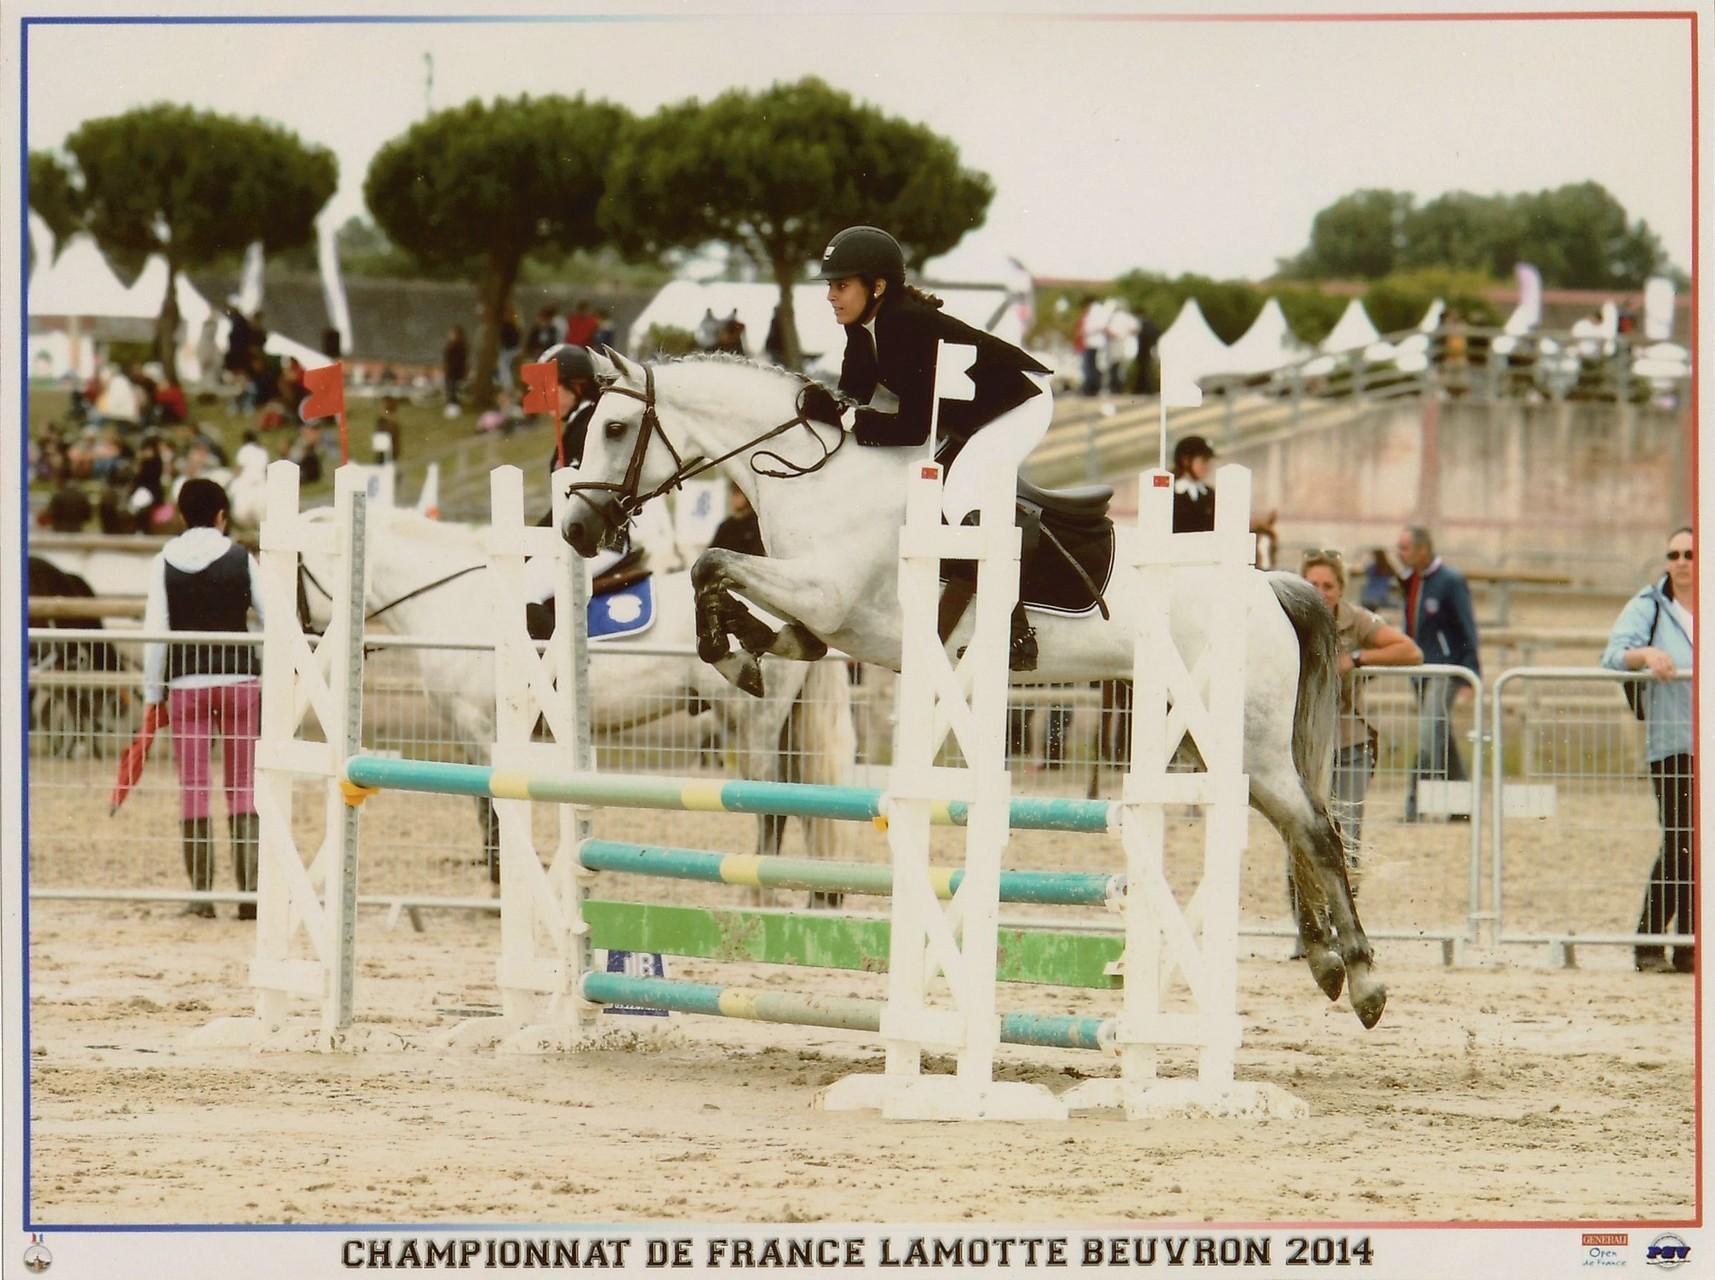 Championnats de France 2014 Poney 1D Cadet 1